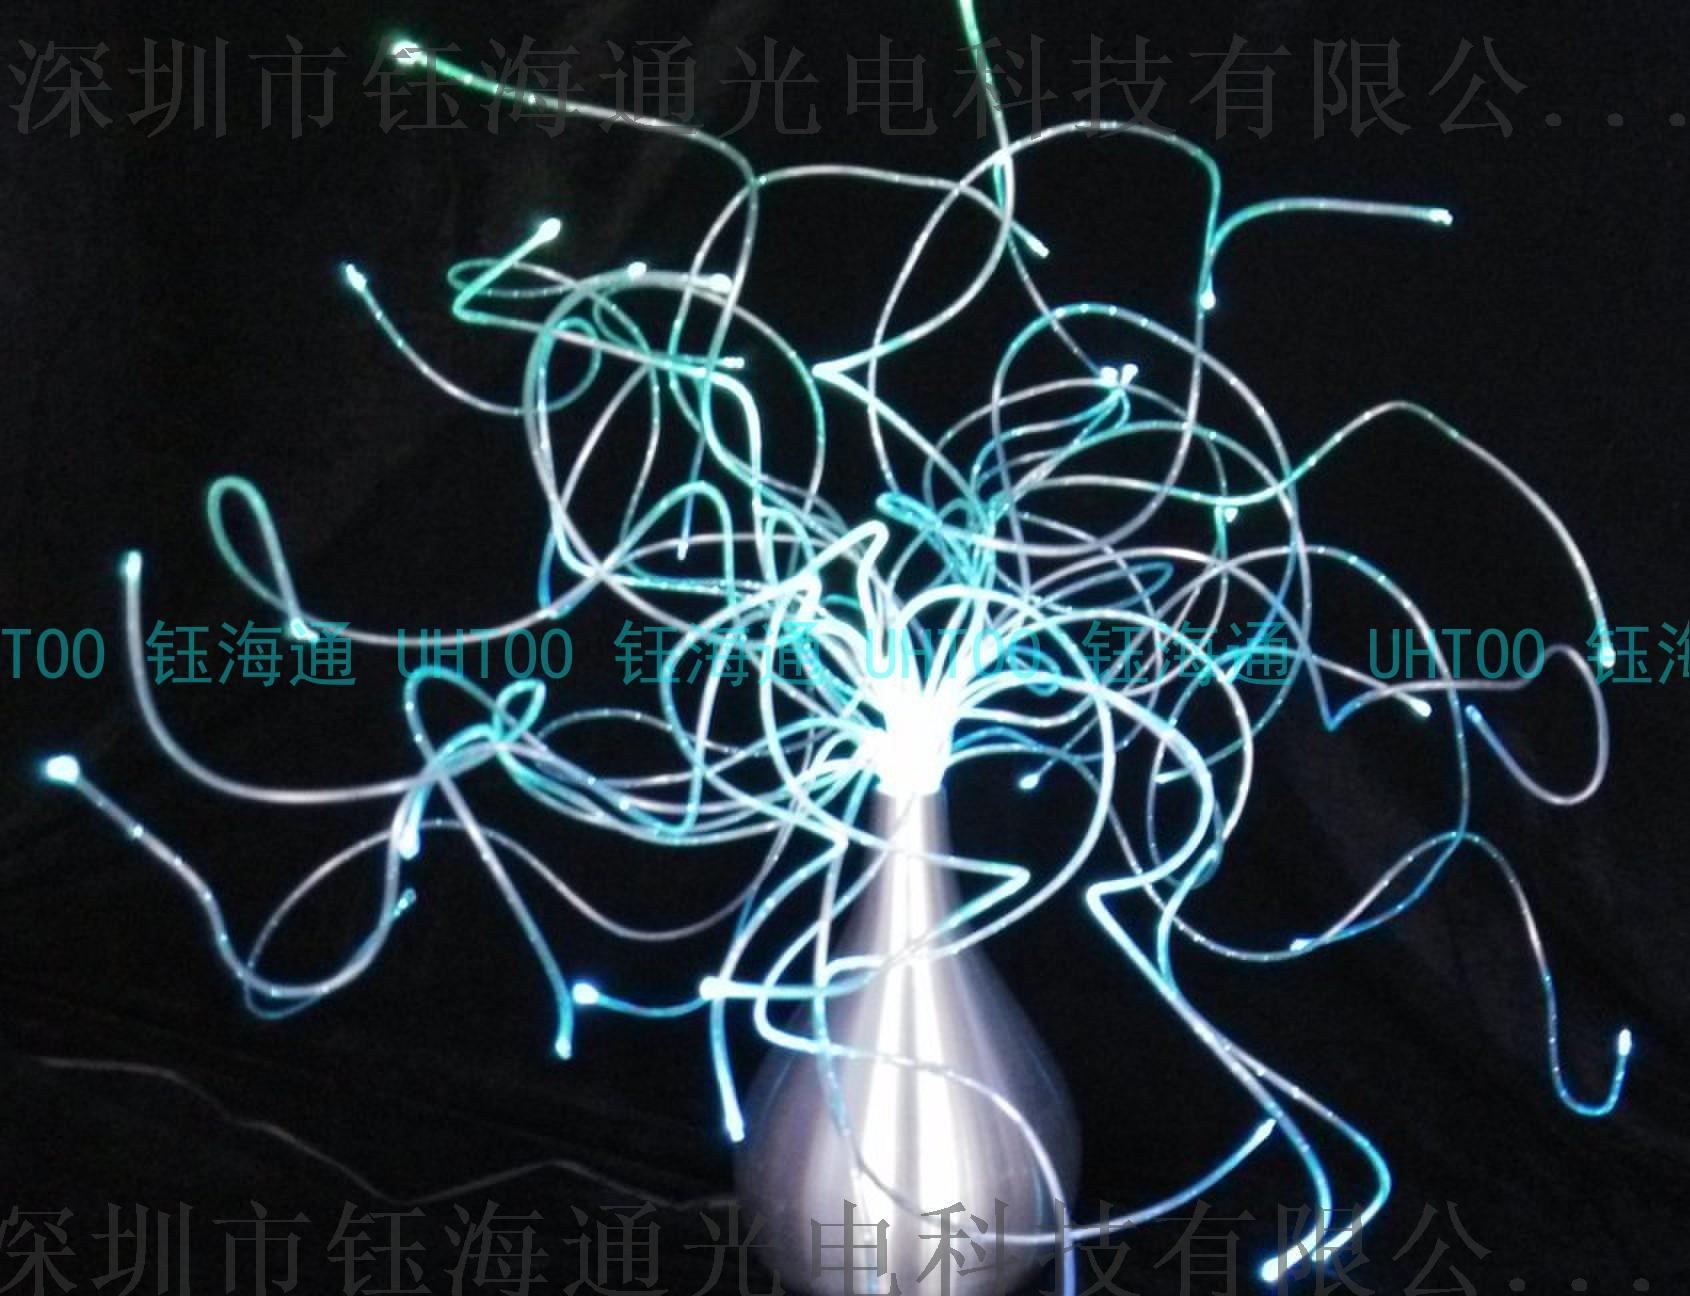 發光鞋帶 信號指示 通體照明 普亮 高亮 導光棒838703835